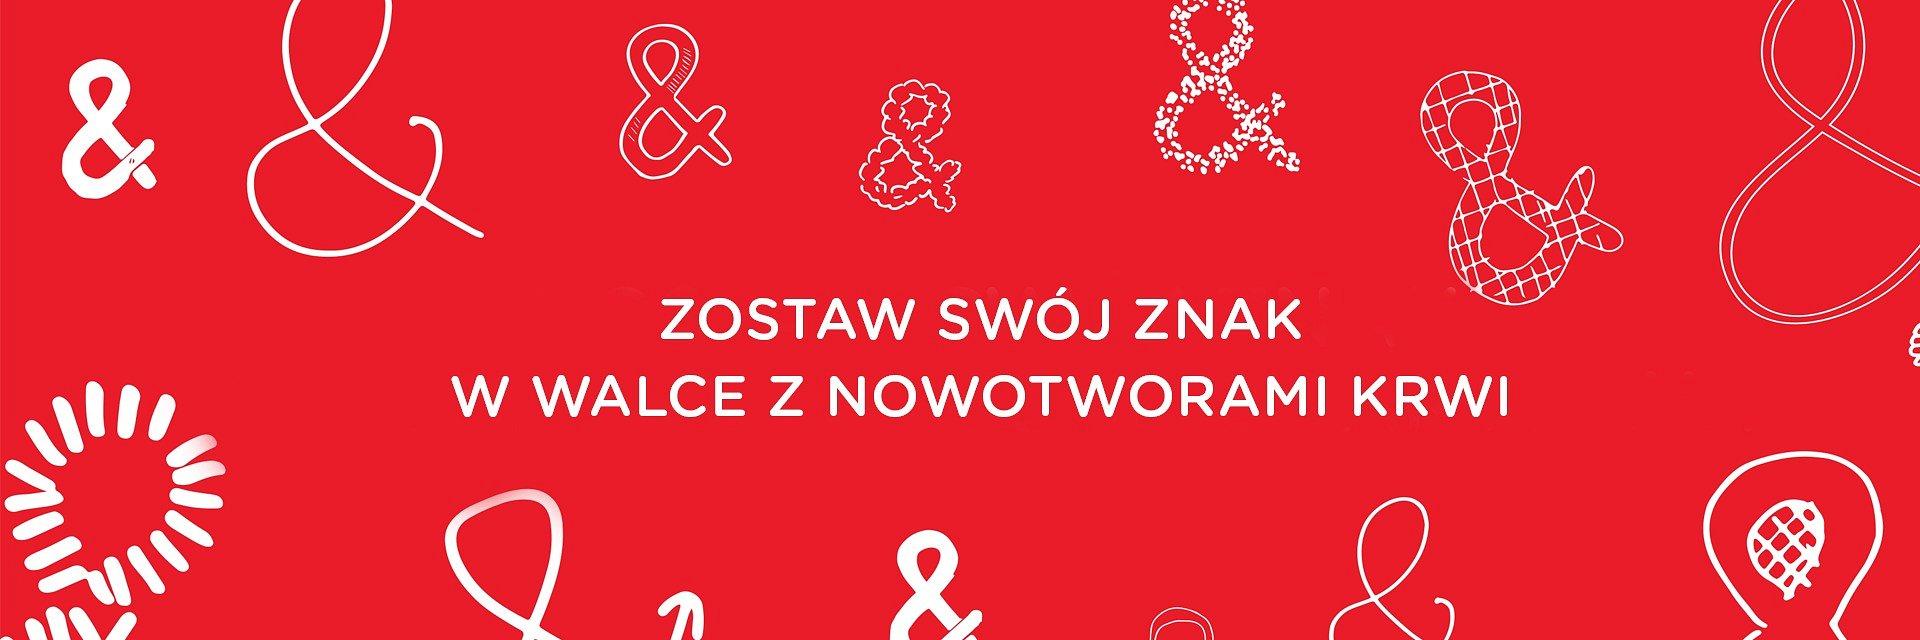 Polacy wiedzą, jak leczyć nowotwory krwi, ale rzadziej, jak je wykrywać